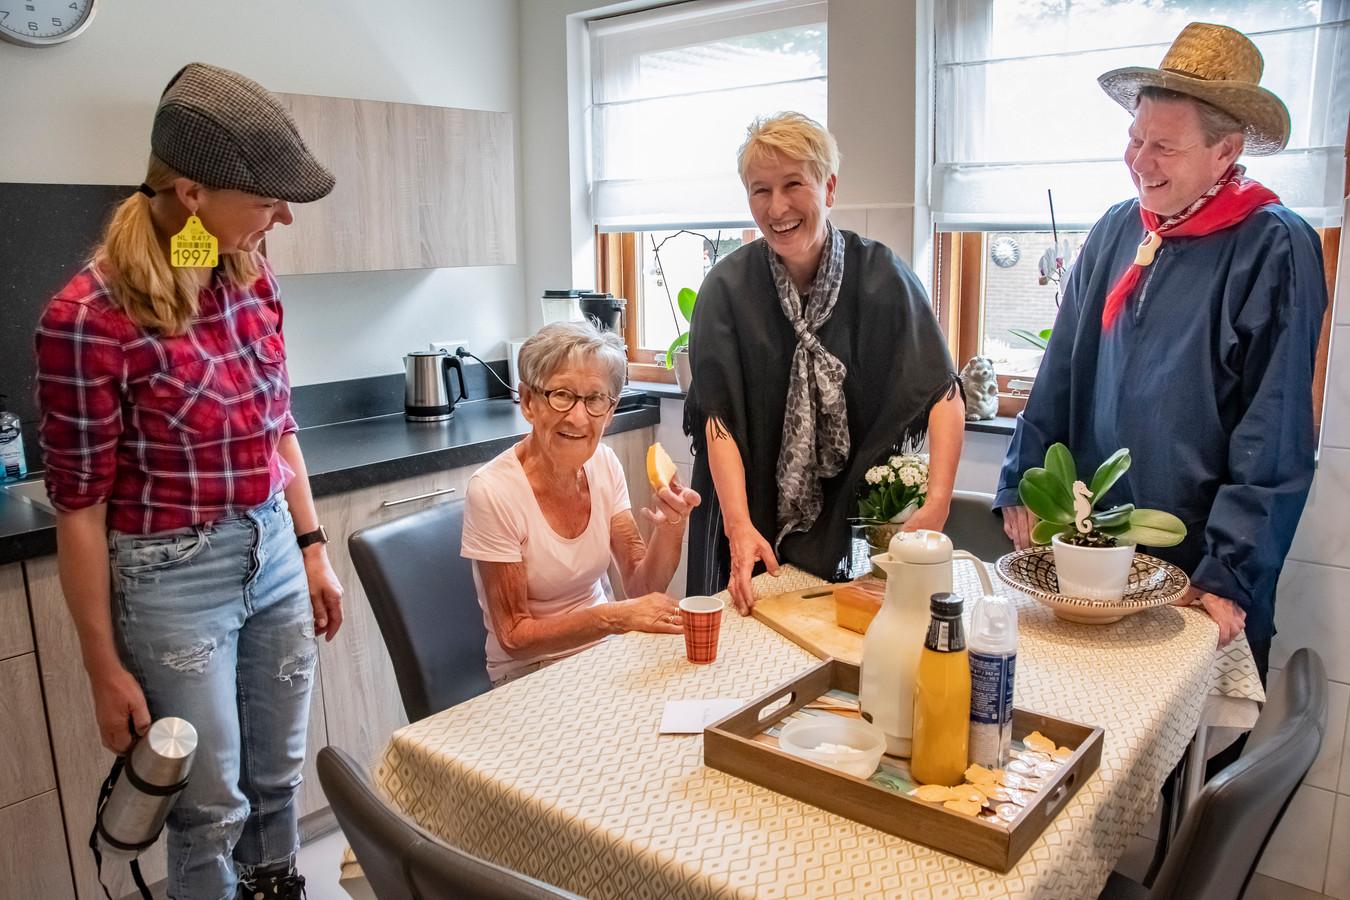 Toos van Rijthoven geniet van haar bakje koffie met een plakje cake, gefalnkeerd door Moniek Rooijakkers, Angelie Hesselmans en Cees de wit.